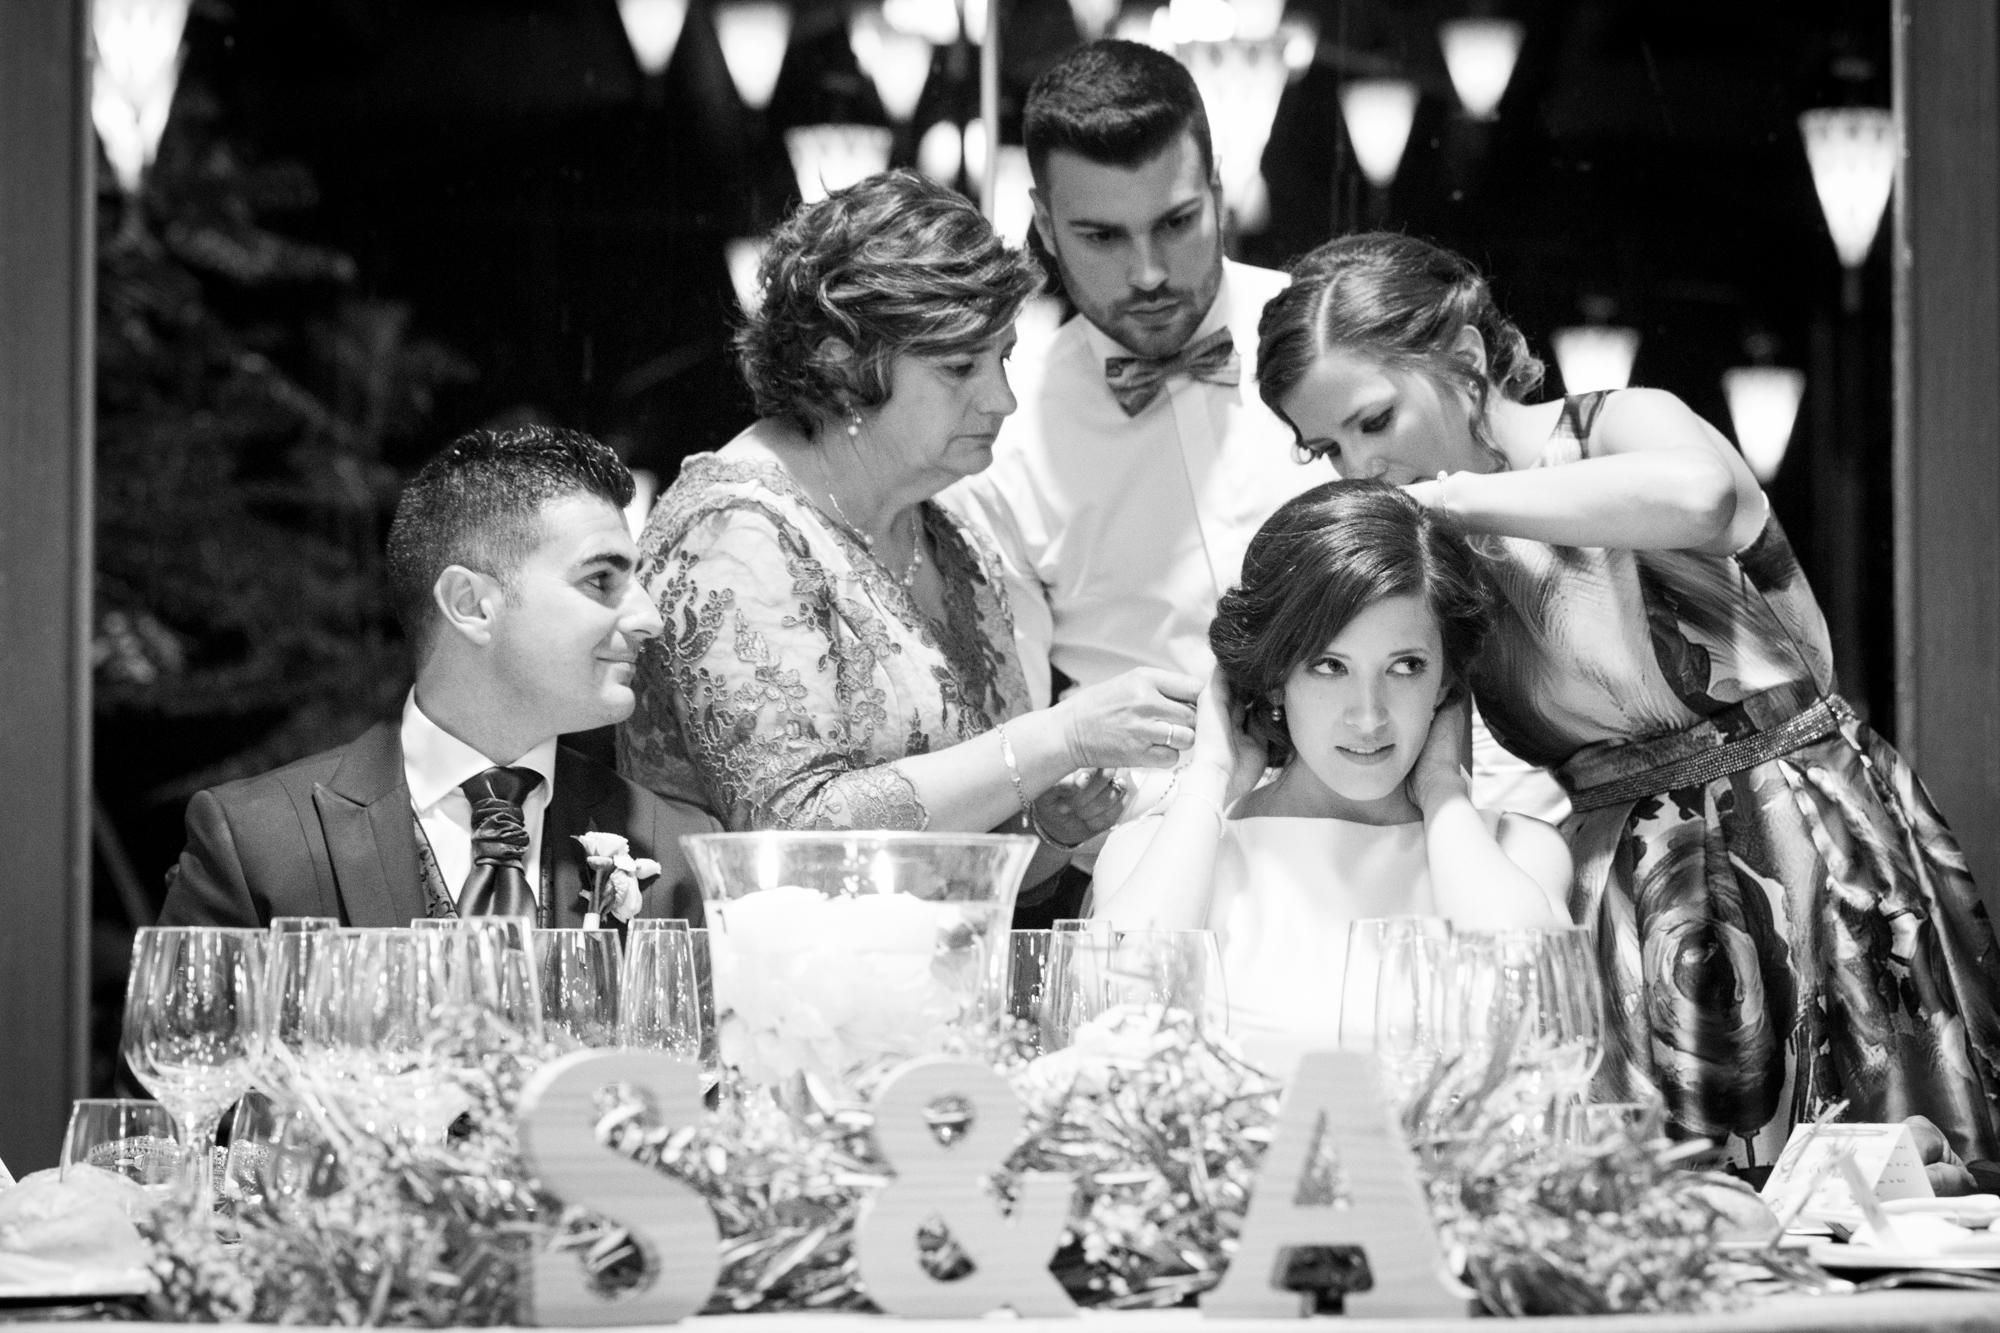 fotografos-de-boda-toledo.jpg